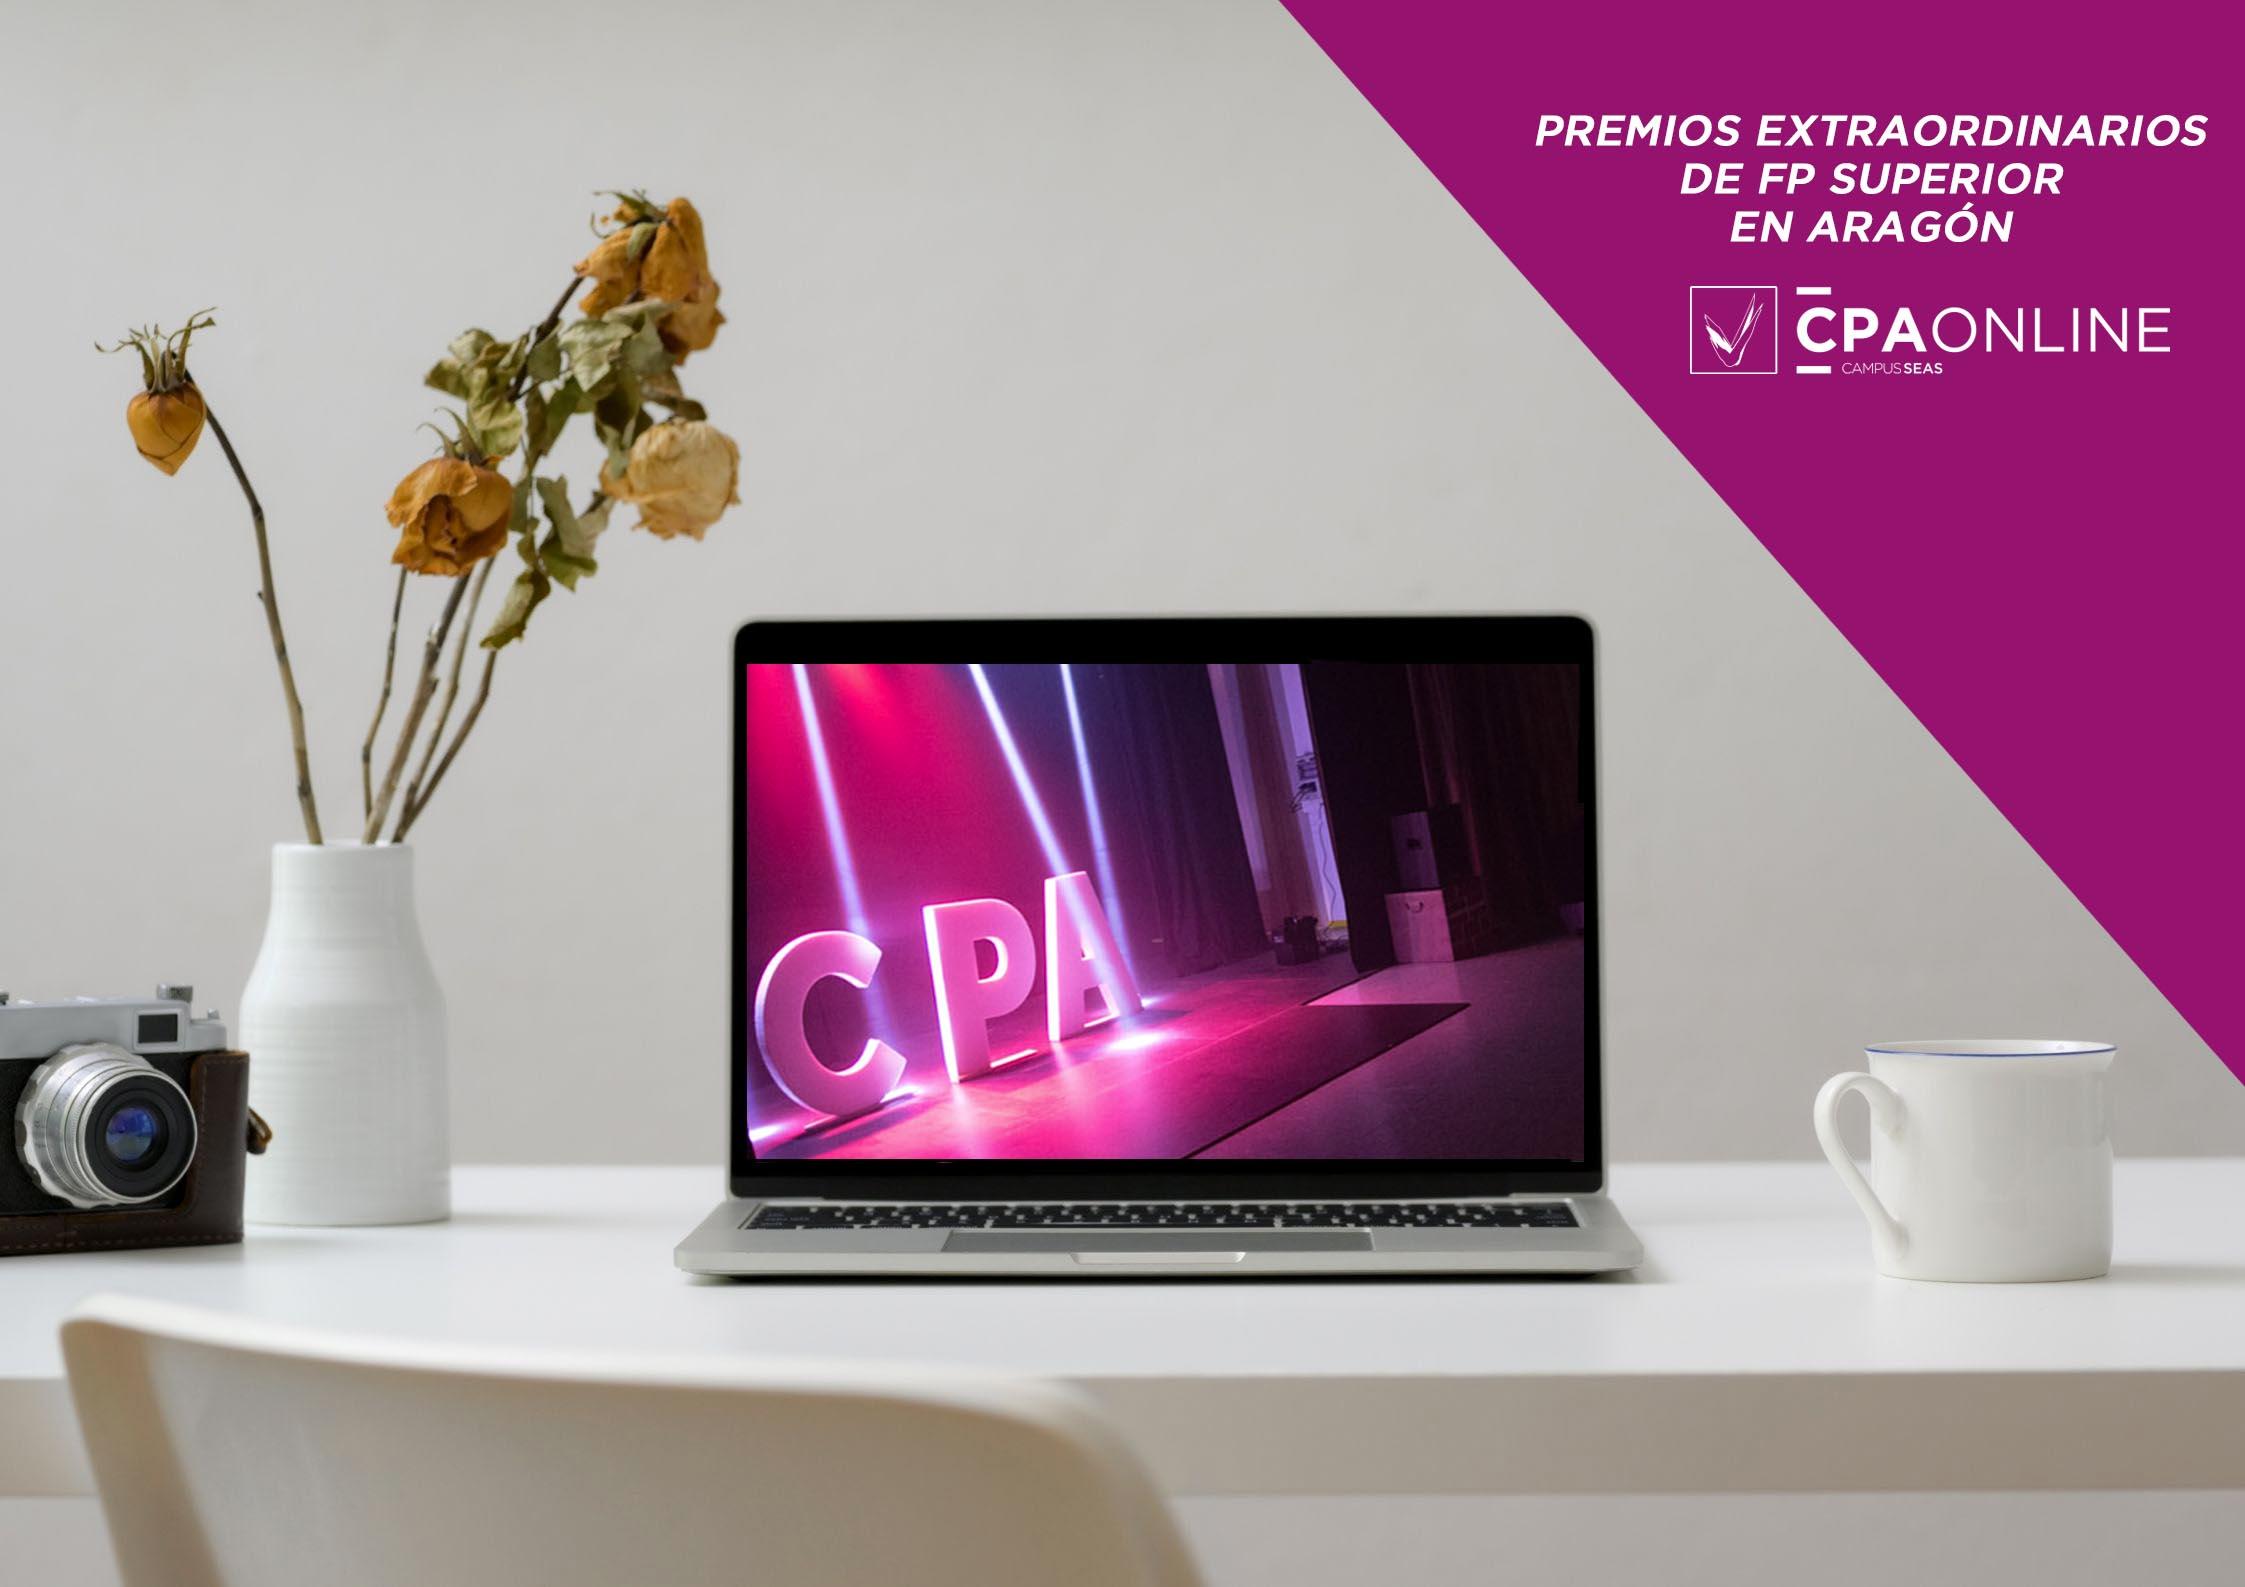 PremiosExtraordinarios_FPSuperior_2020